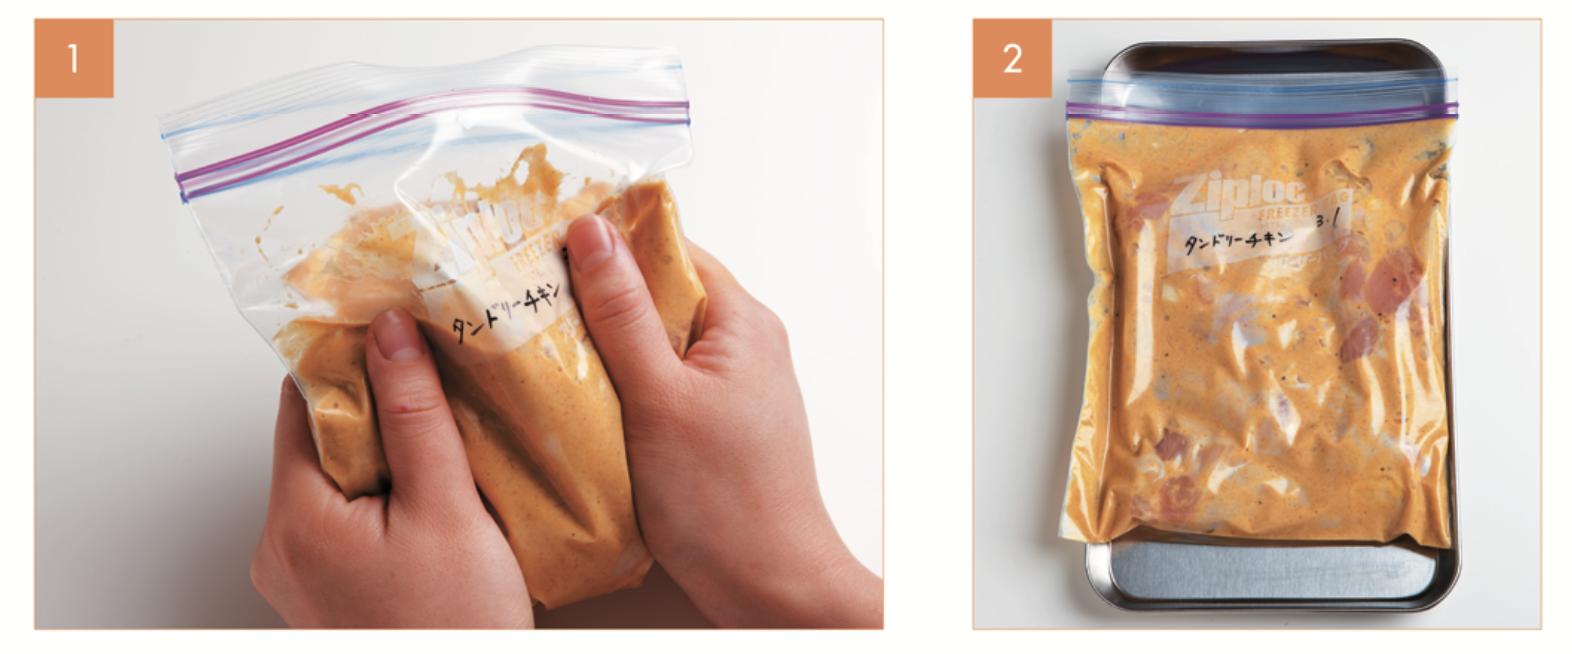 タンドリーチキンの下ごしらえ冷凍の仕方